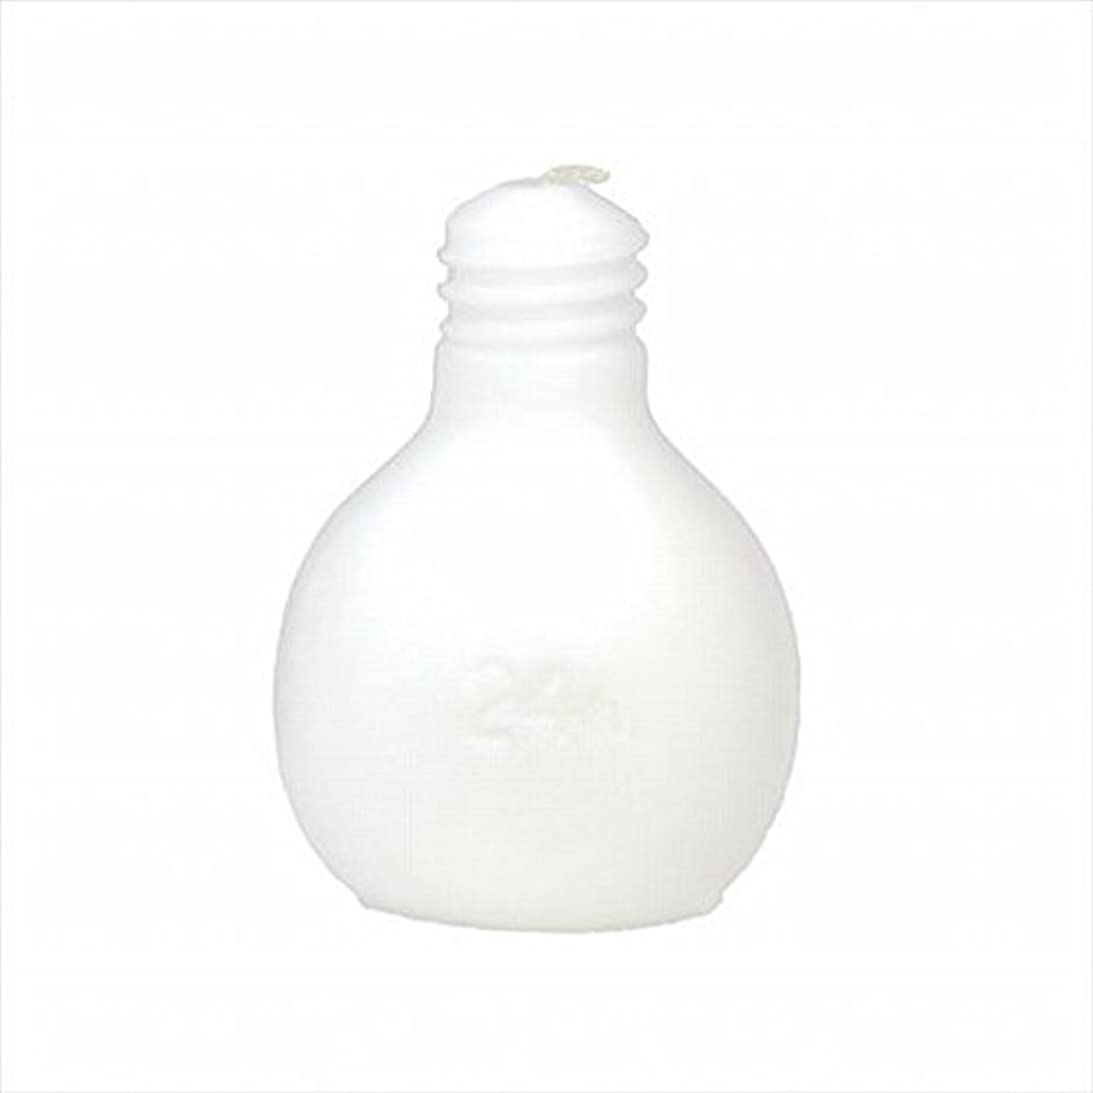 コントロールポップ東ティモールkameyama candle(カメヤマキャンドル) 節電球キャンドル 「 ホワイト 」 キャンドル 75x75x98mm (A4220000W)